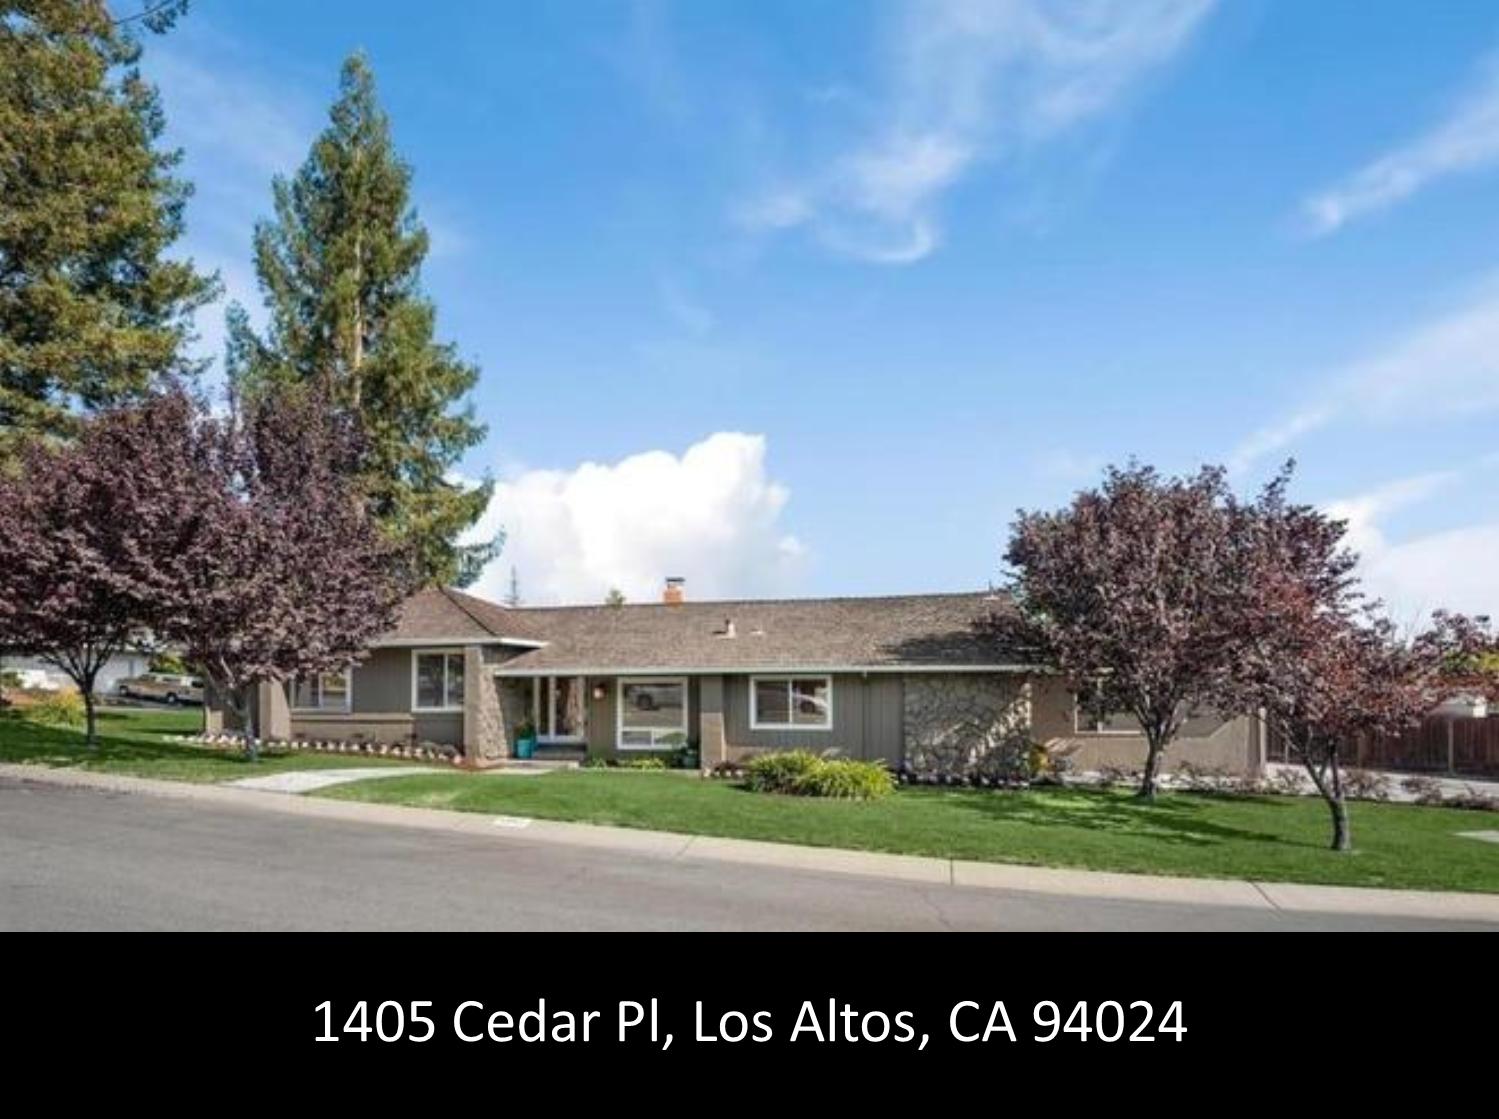 1405 Cedar Pl, Los Altos, CA 94024